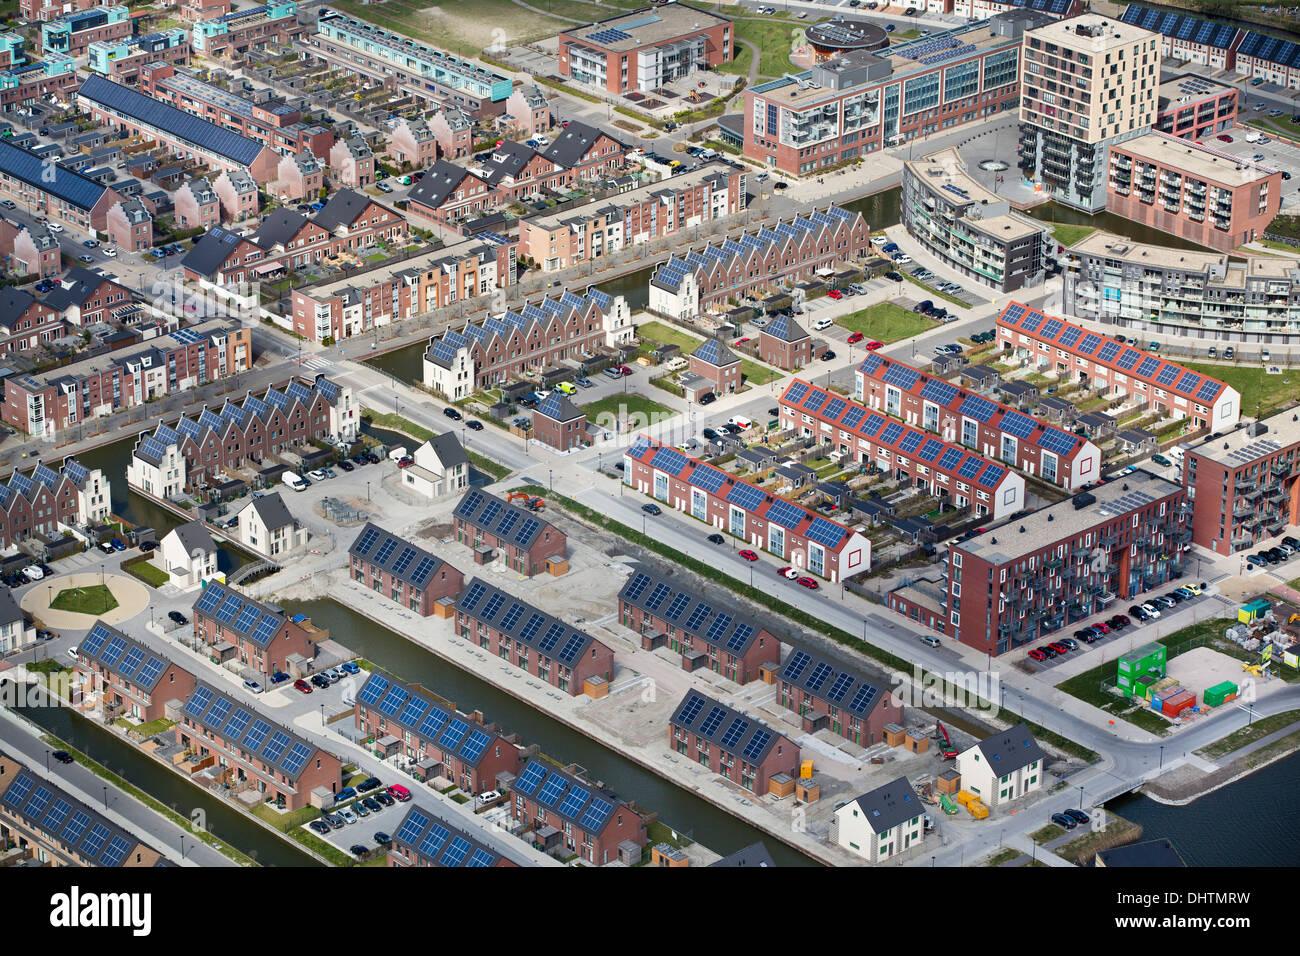 Países Bajos, Heerhugowaard, distrito llamado Ciudad del Sol, holandés: Stad van de Zon. Todas las casas con paneles solares. Antena Imagen De Stock